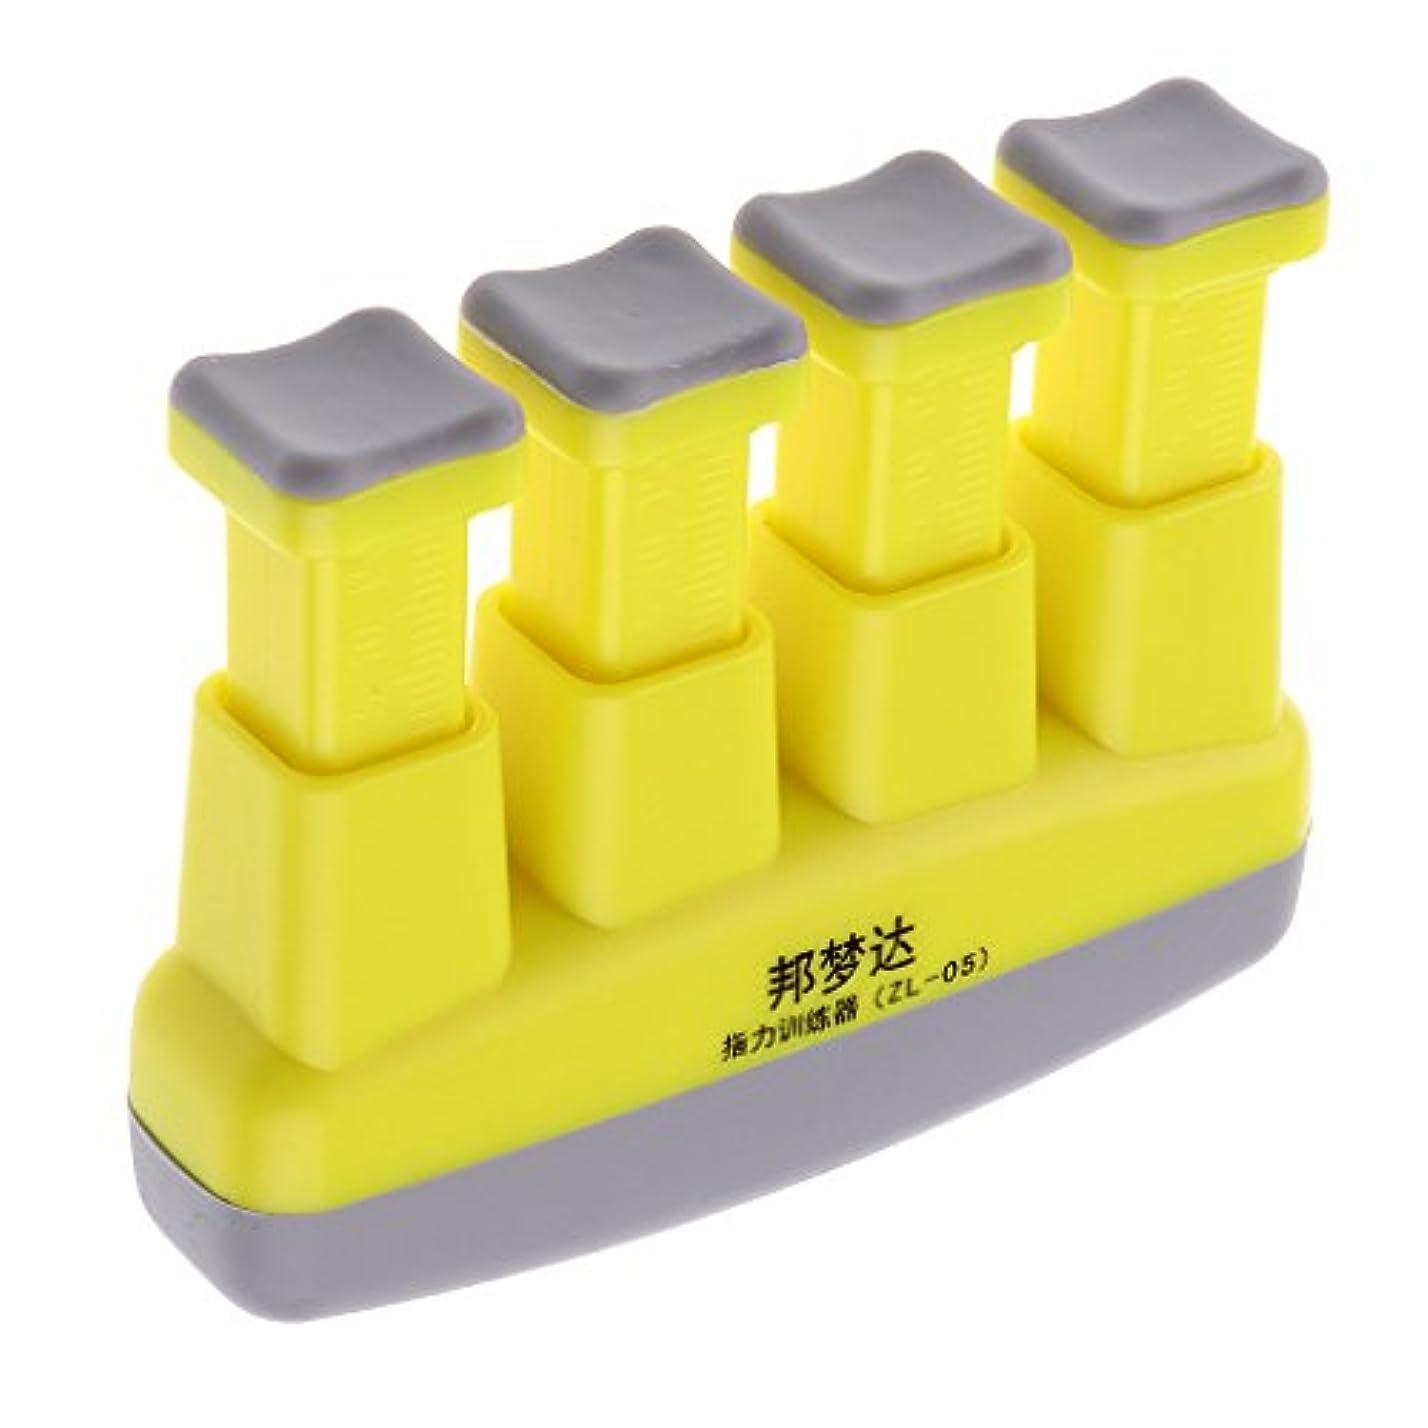 影響力のあるどうしたの断言するハンドグリップ エクササイザ 4-6ポンド 調節可 ハンド 手首 腕 グリップ グリッパー 黄色 ABS +シリコン